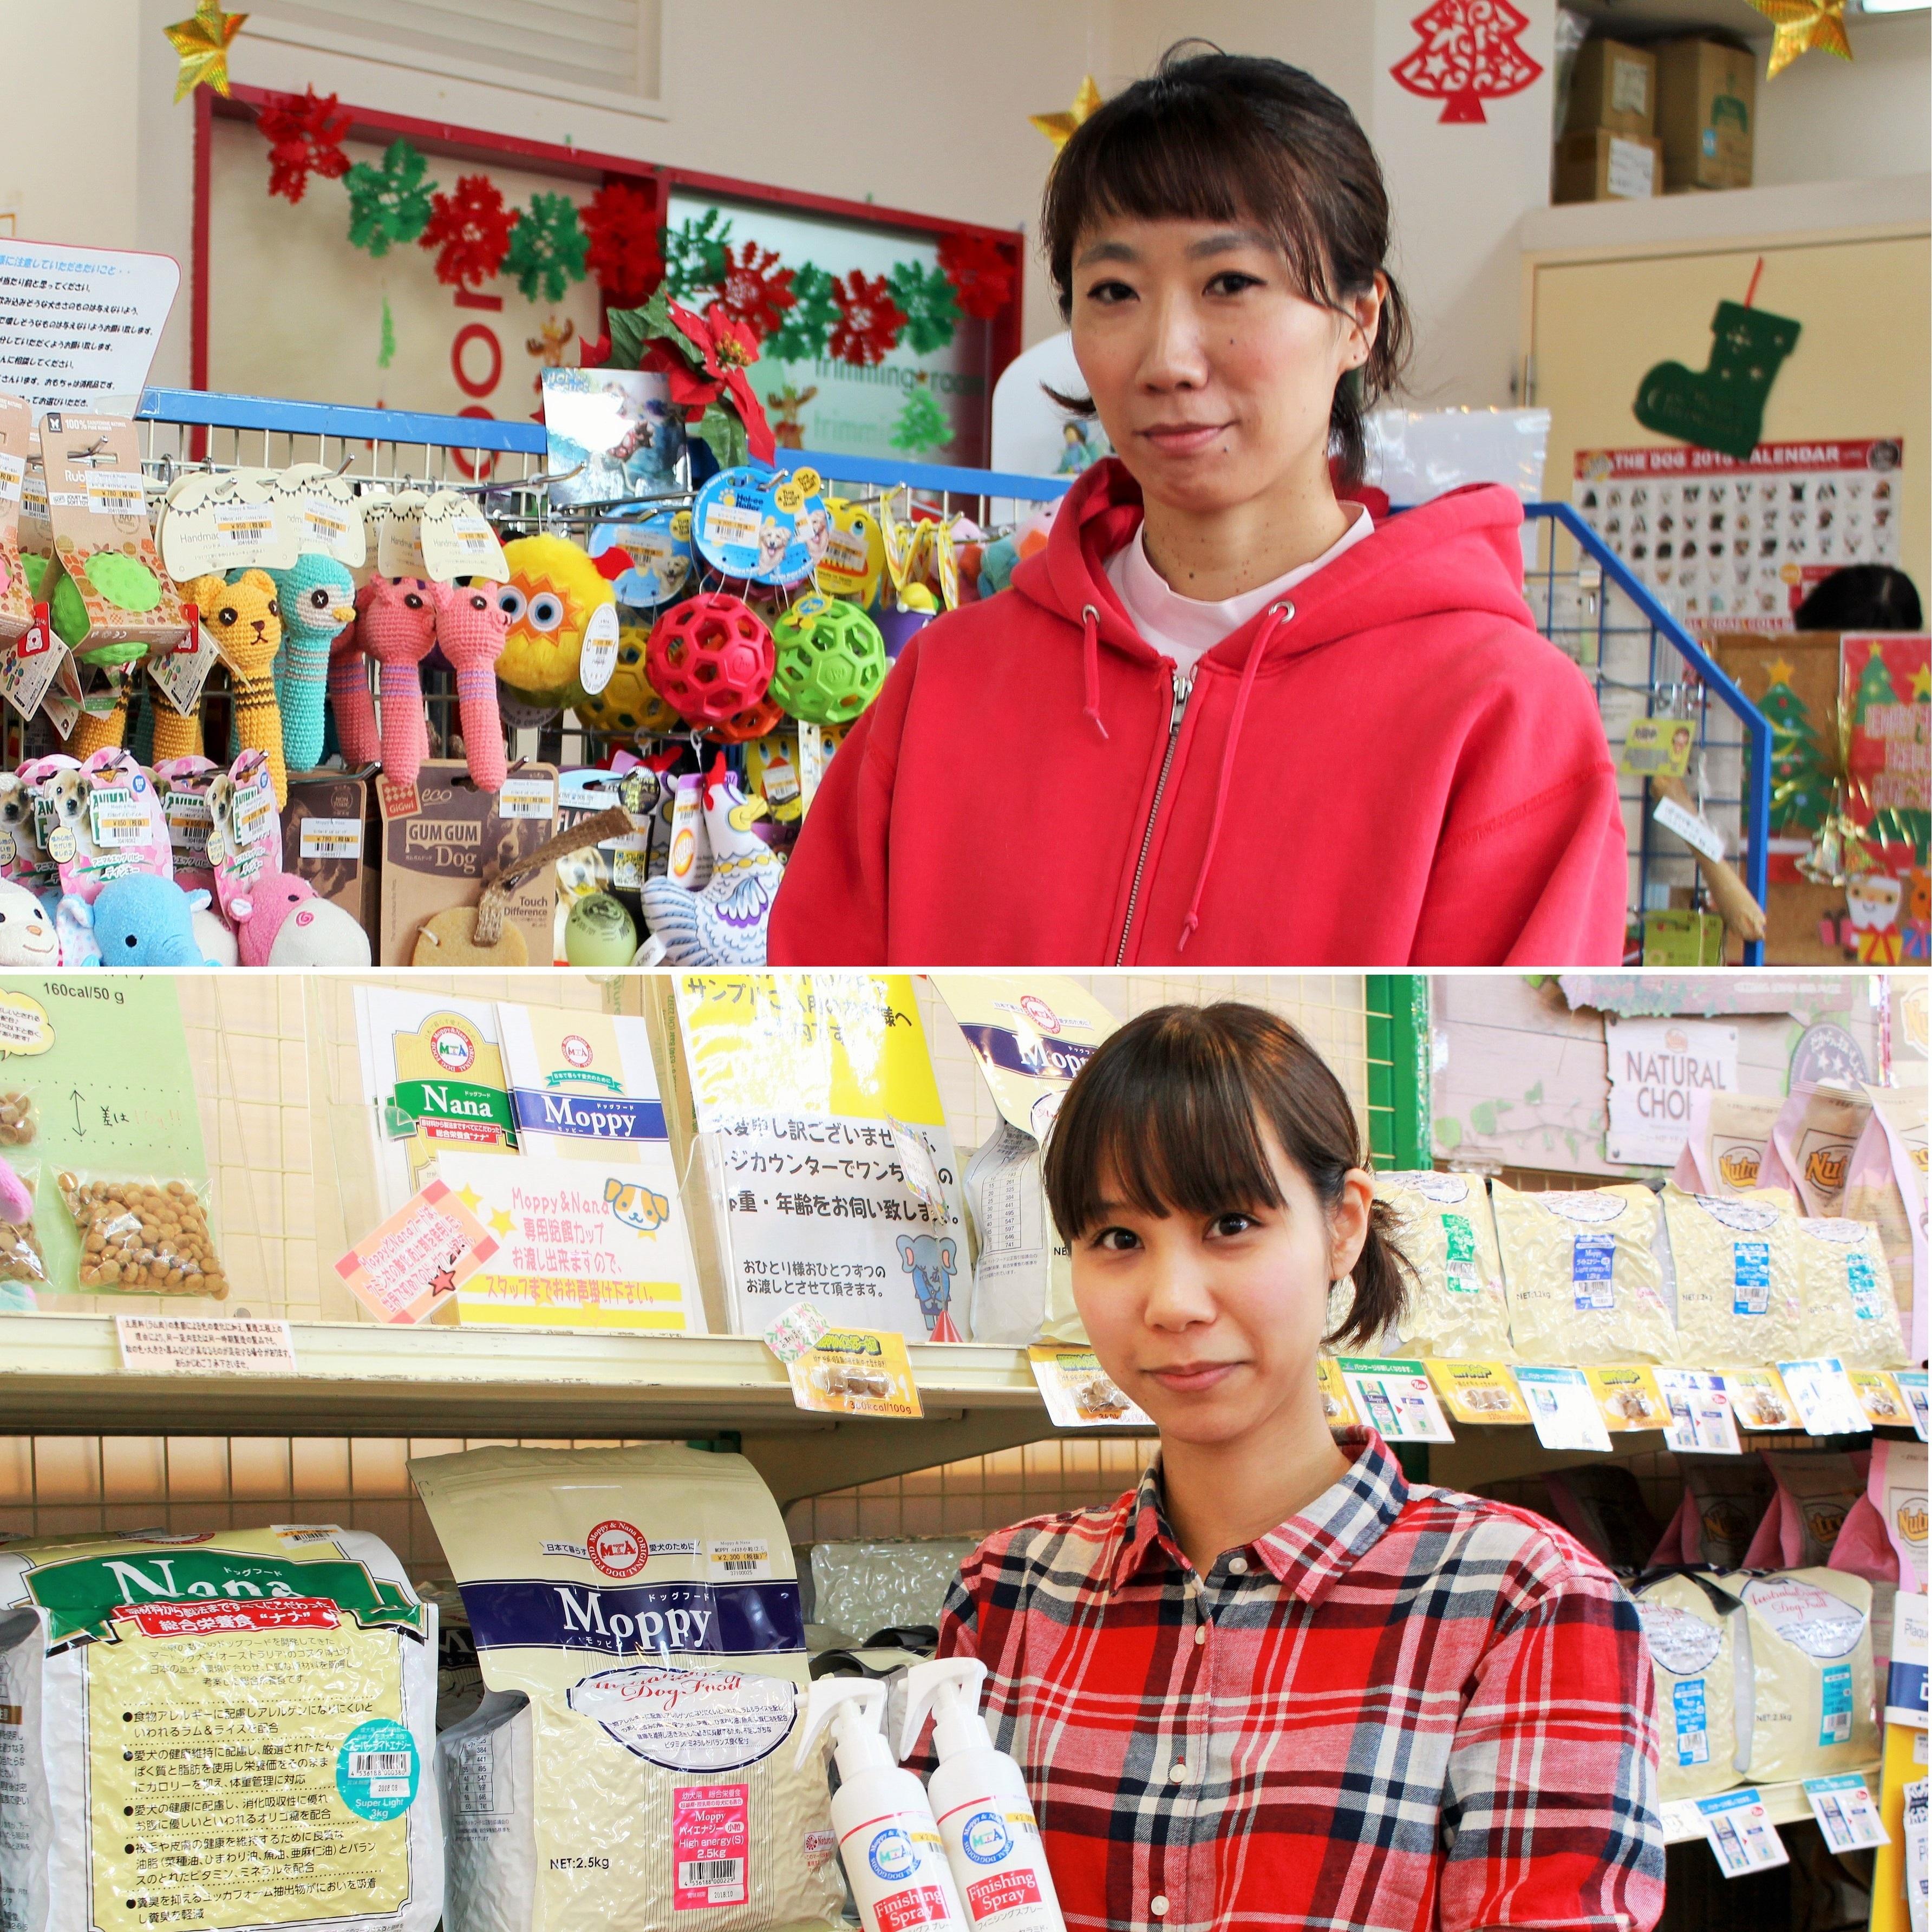 「モッピー&ナナ」     仙川店 店長 新倉さん(写真上)、 吉祥寺店 店長 冨田さん(写真下)